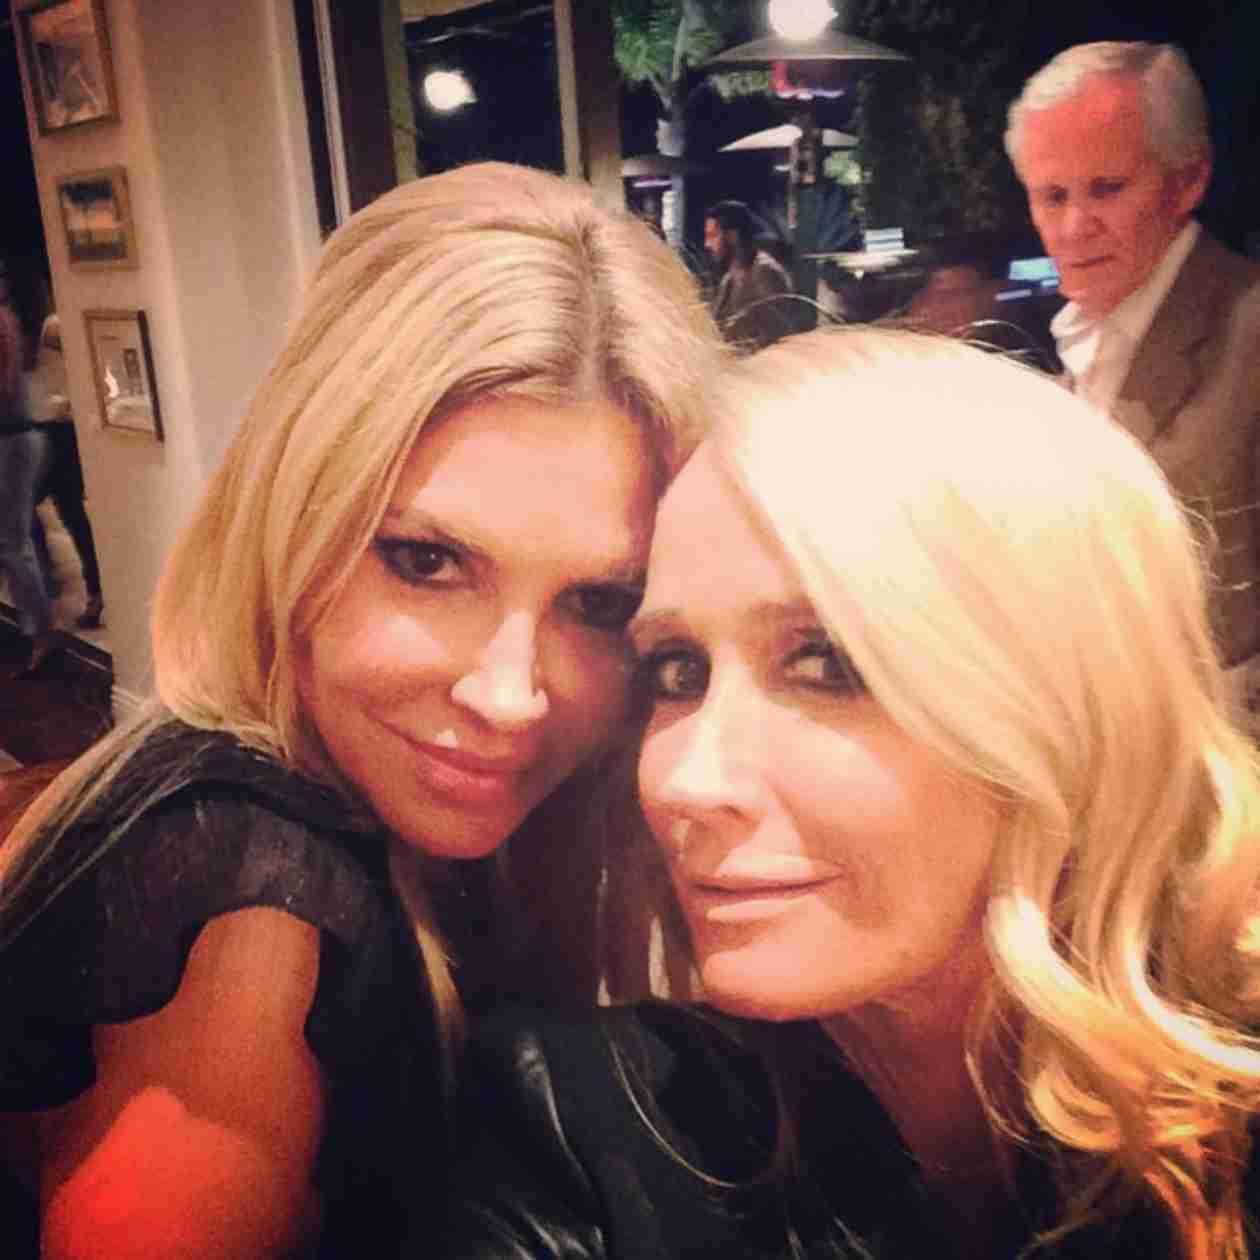 Brandi Glanville and Kim Richards Take an Adorable Selfie (PHOTO)